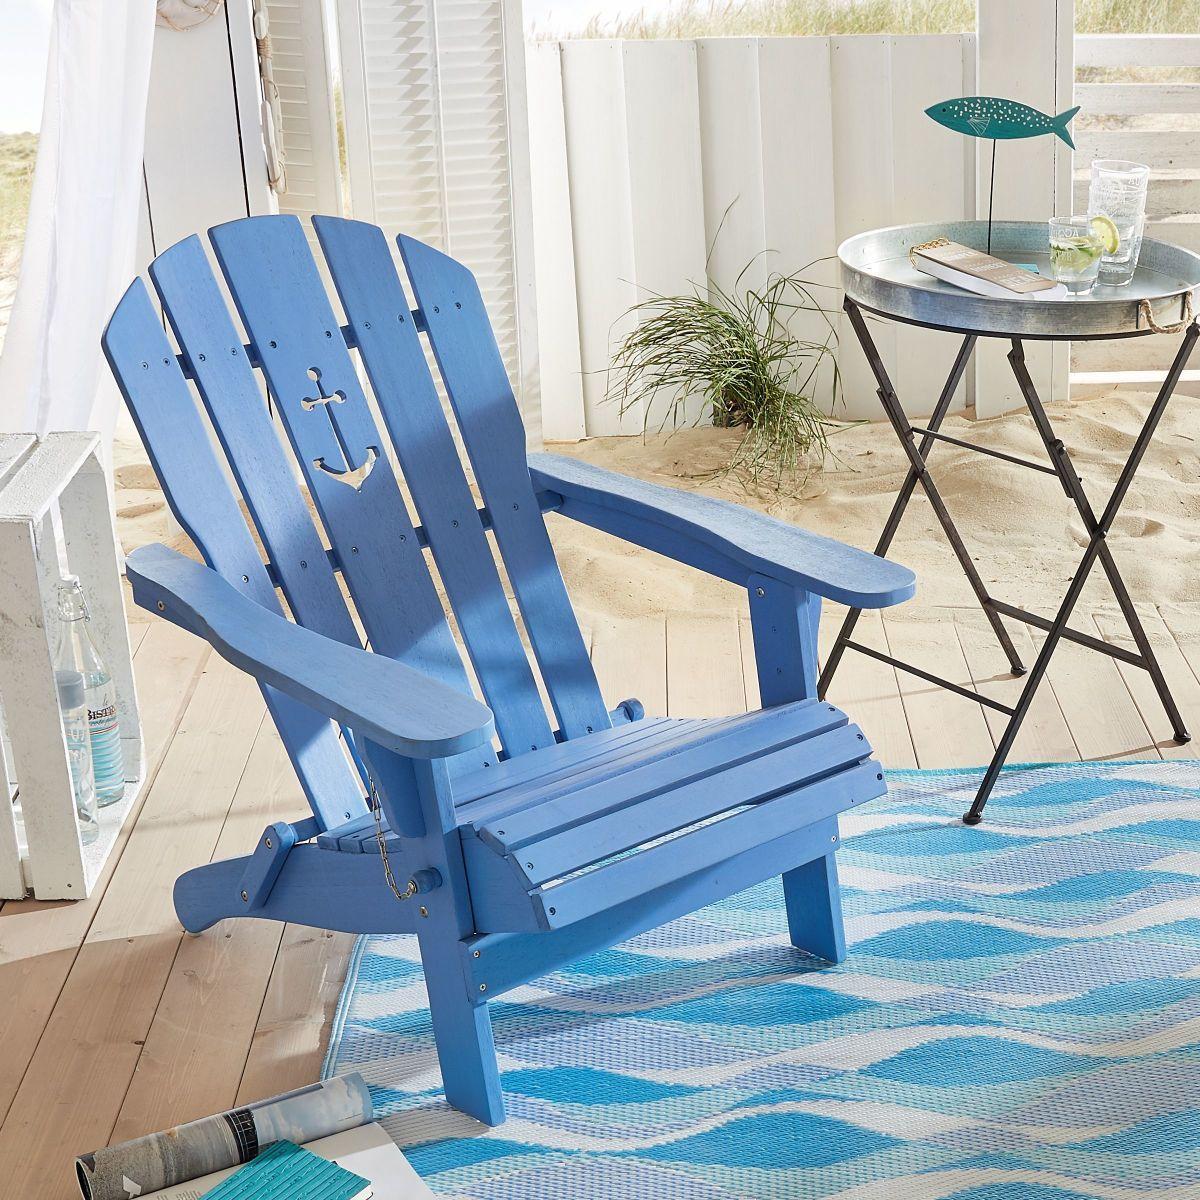 Gut Gartenstuhl Anker, Adirondack Chair klappbar, Maritimer Look, Holz  HZ44